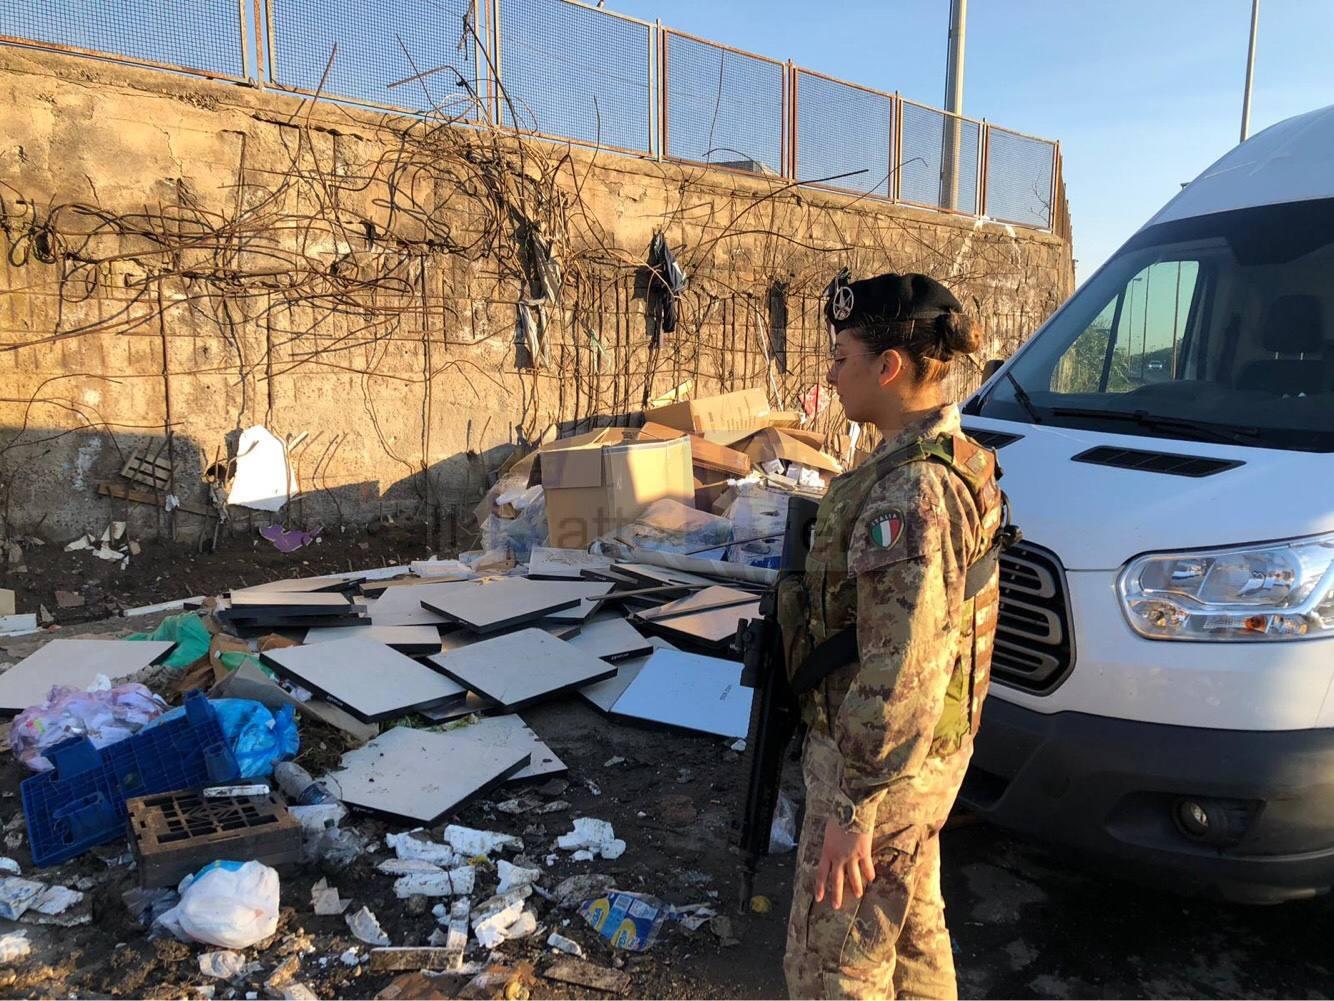 Camionista sorpreso ad abbandonare rifiuti